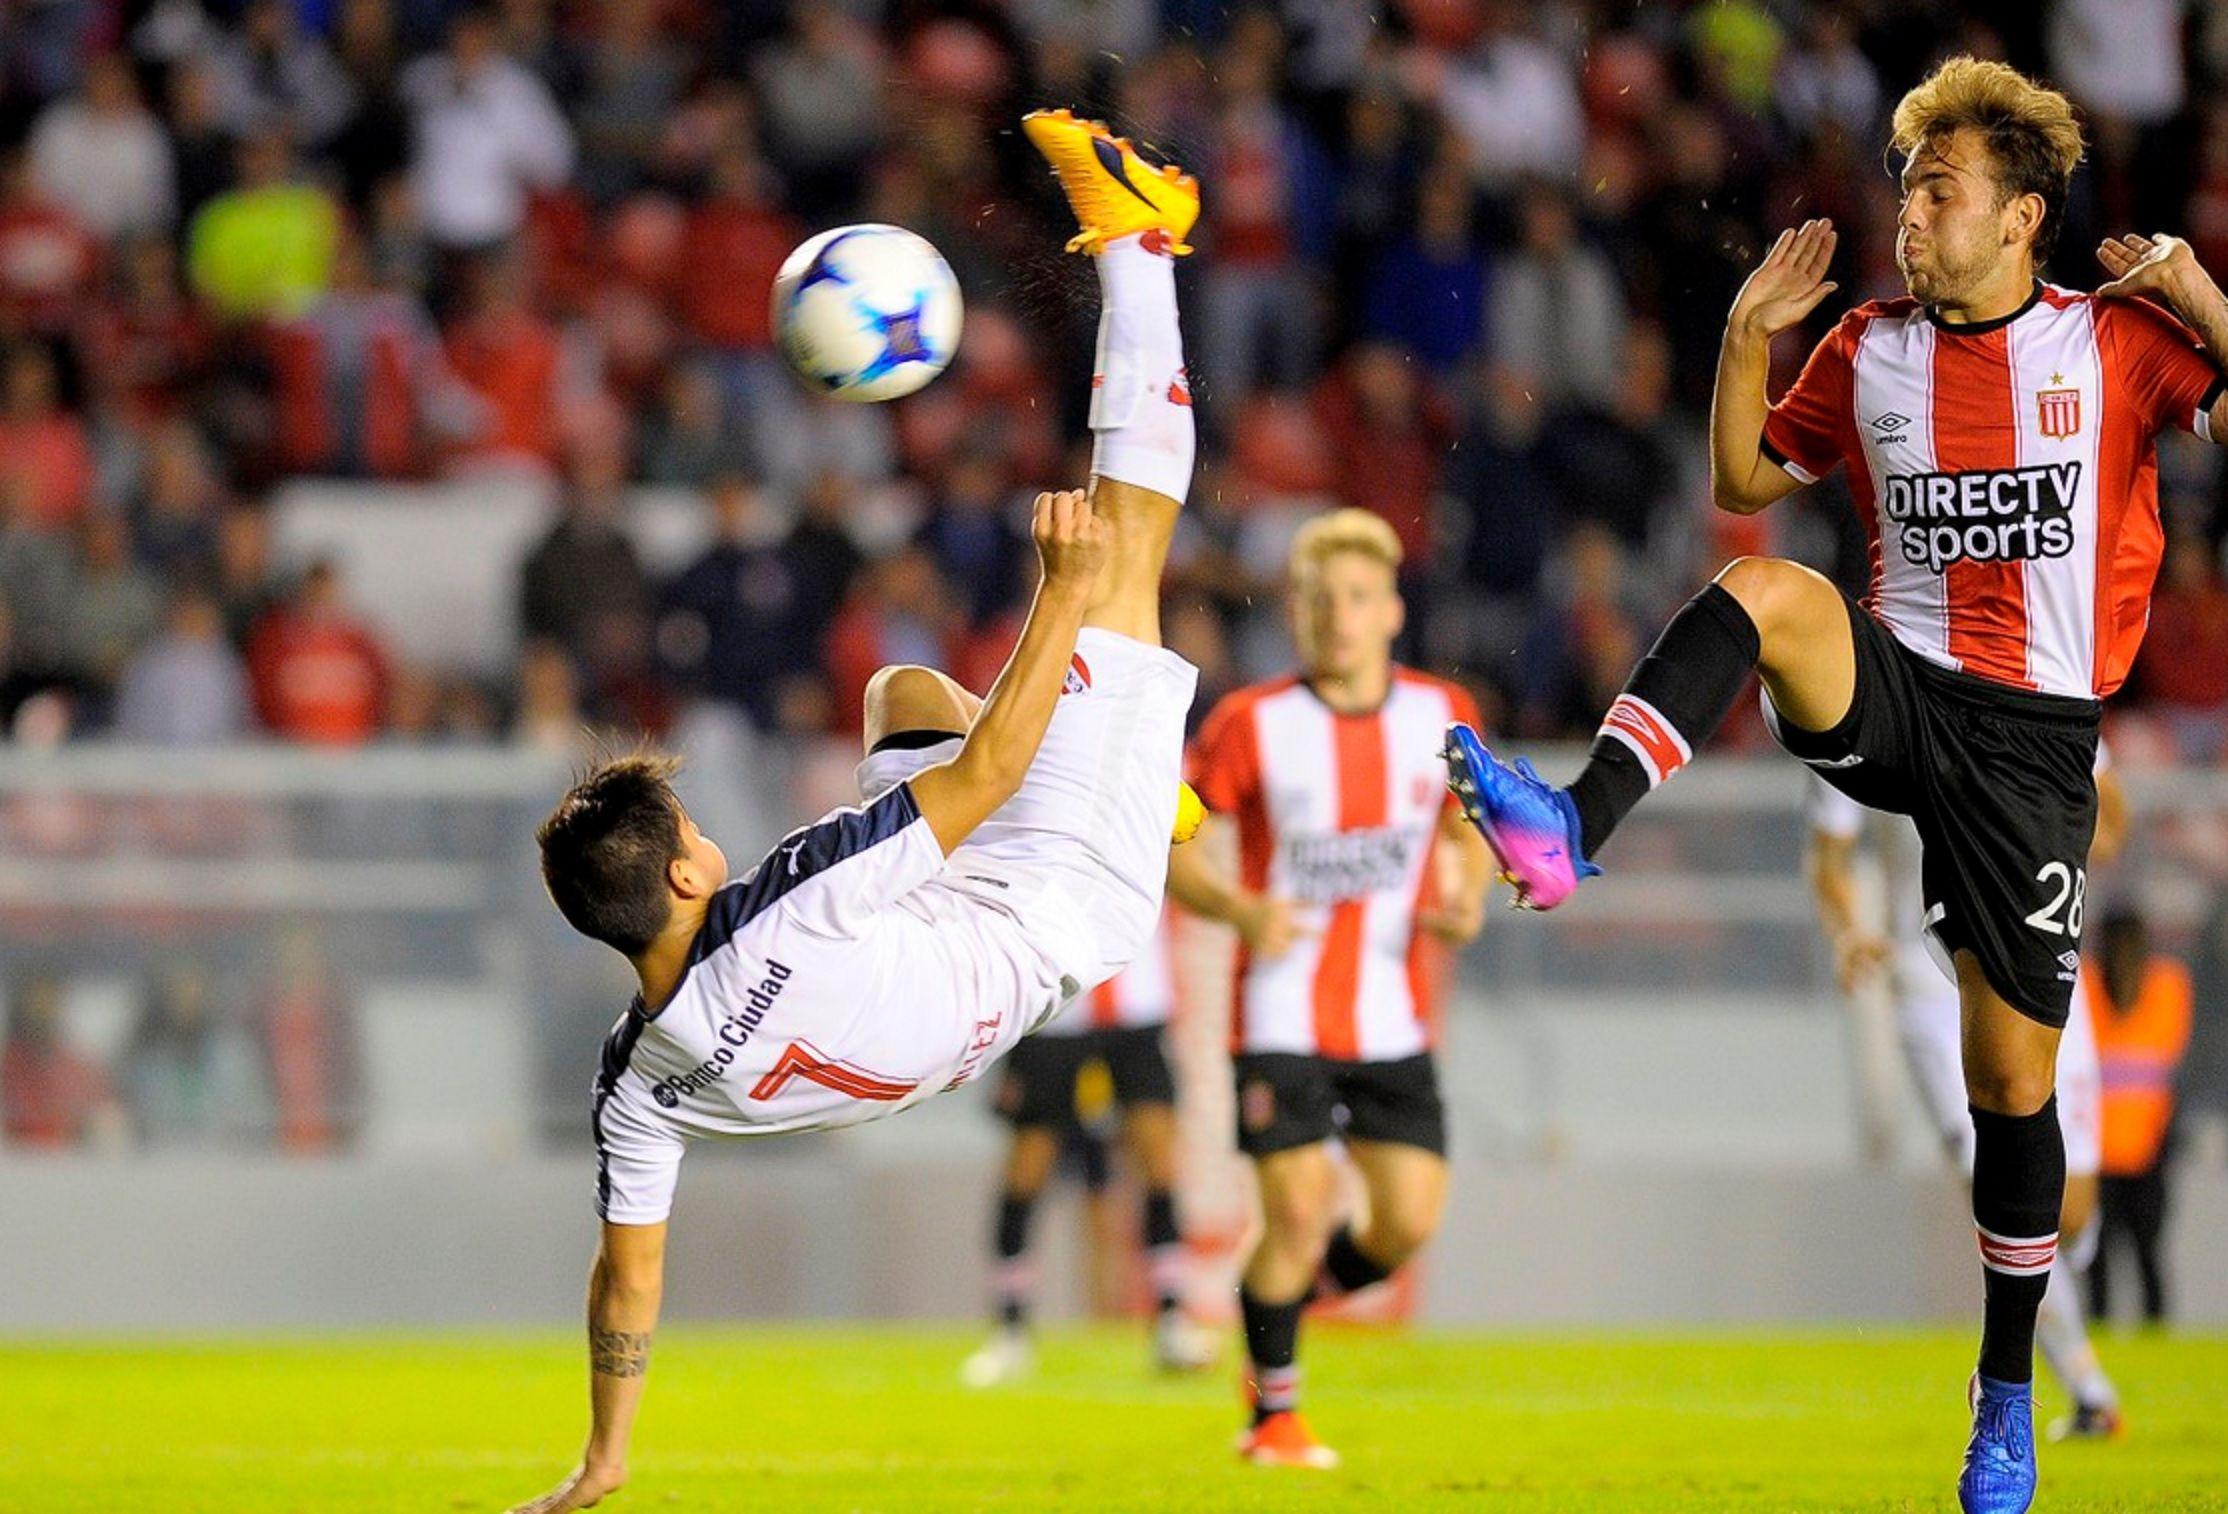 Una genial chilena de Benítez abrió el marcador en el Libertadores de América (@juanlp40)